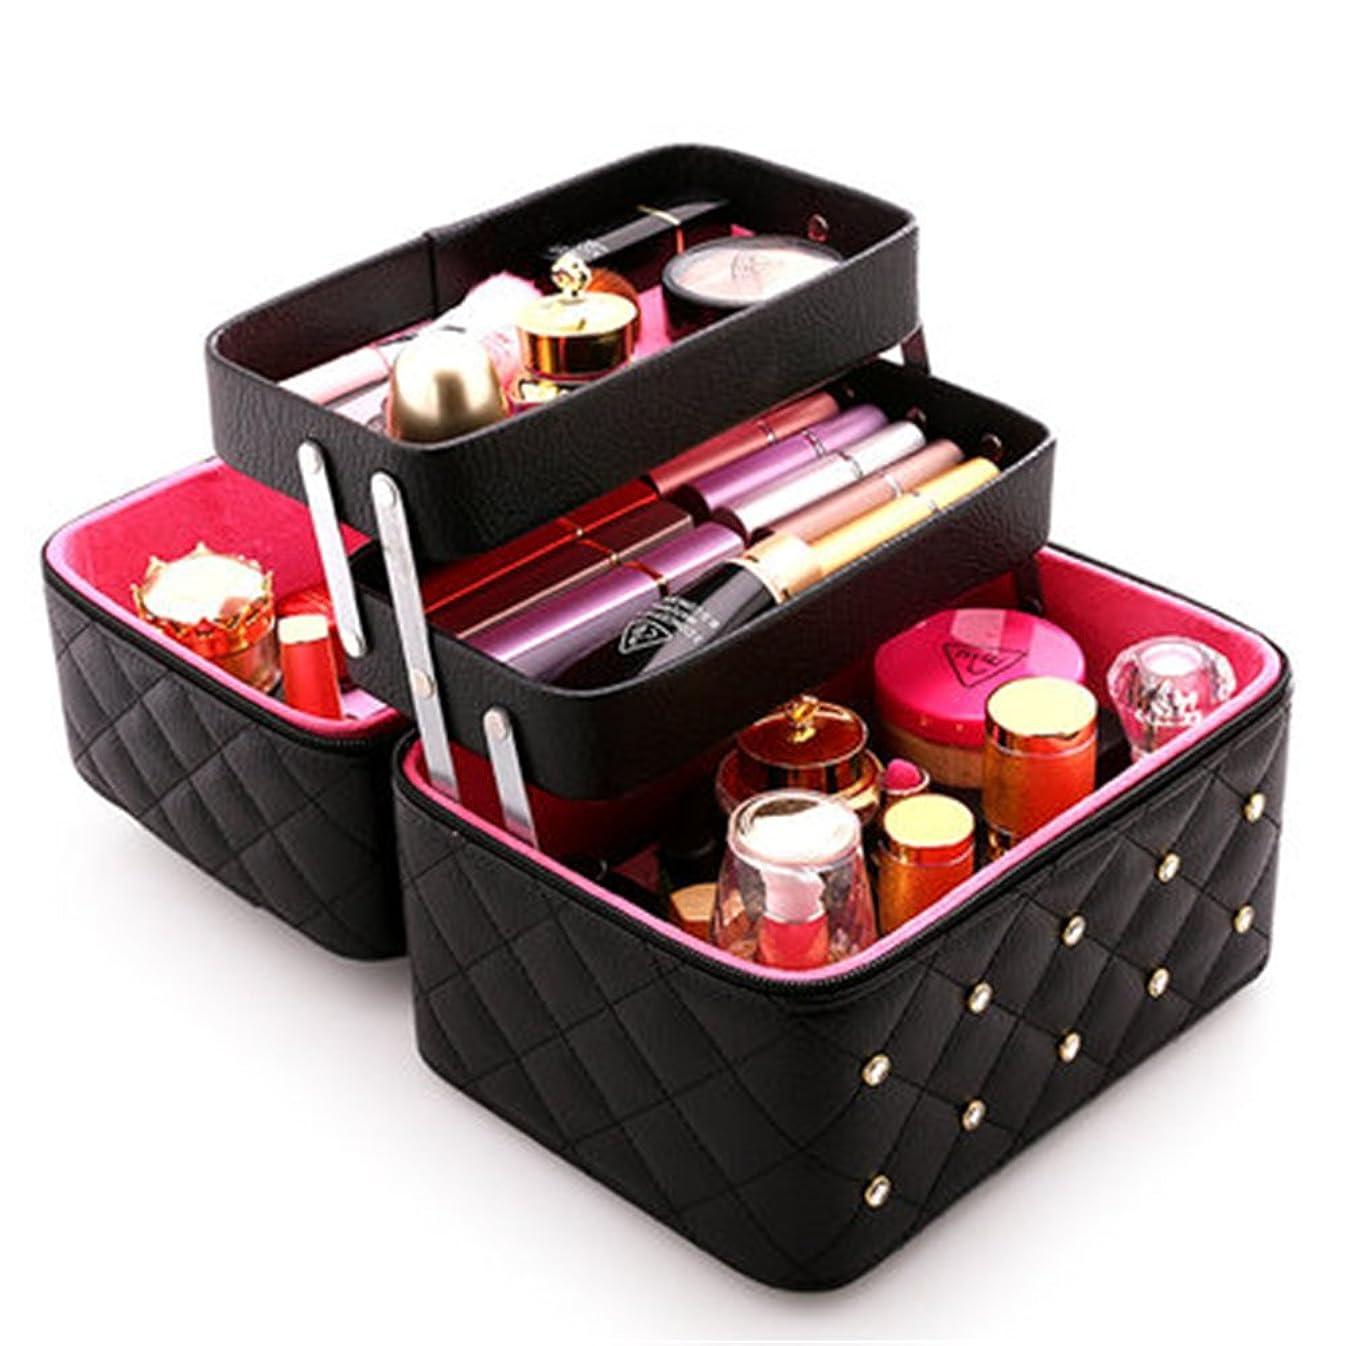 指広まった慈善FYX メイクボックス コスメボックス 大容量 化粧品収納ボックス 収納ケース 小物入れ 大容量 取っ手付 (ブラック)